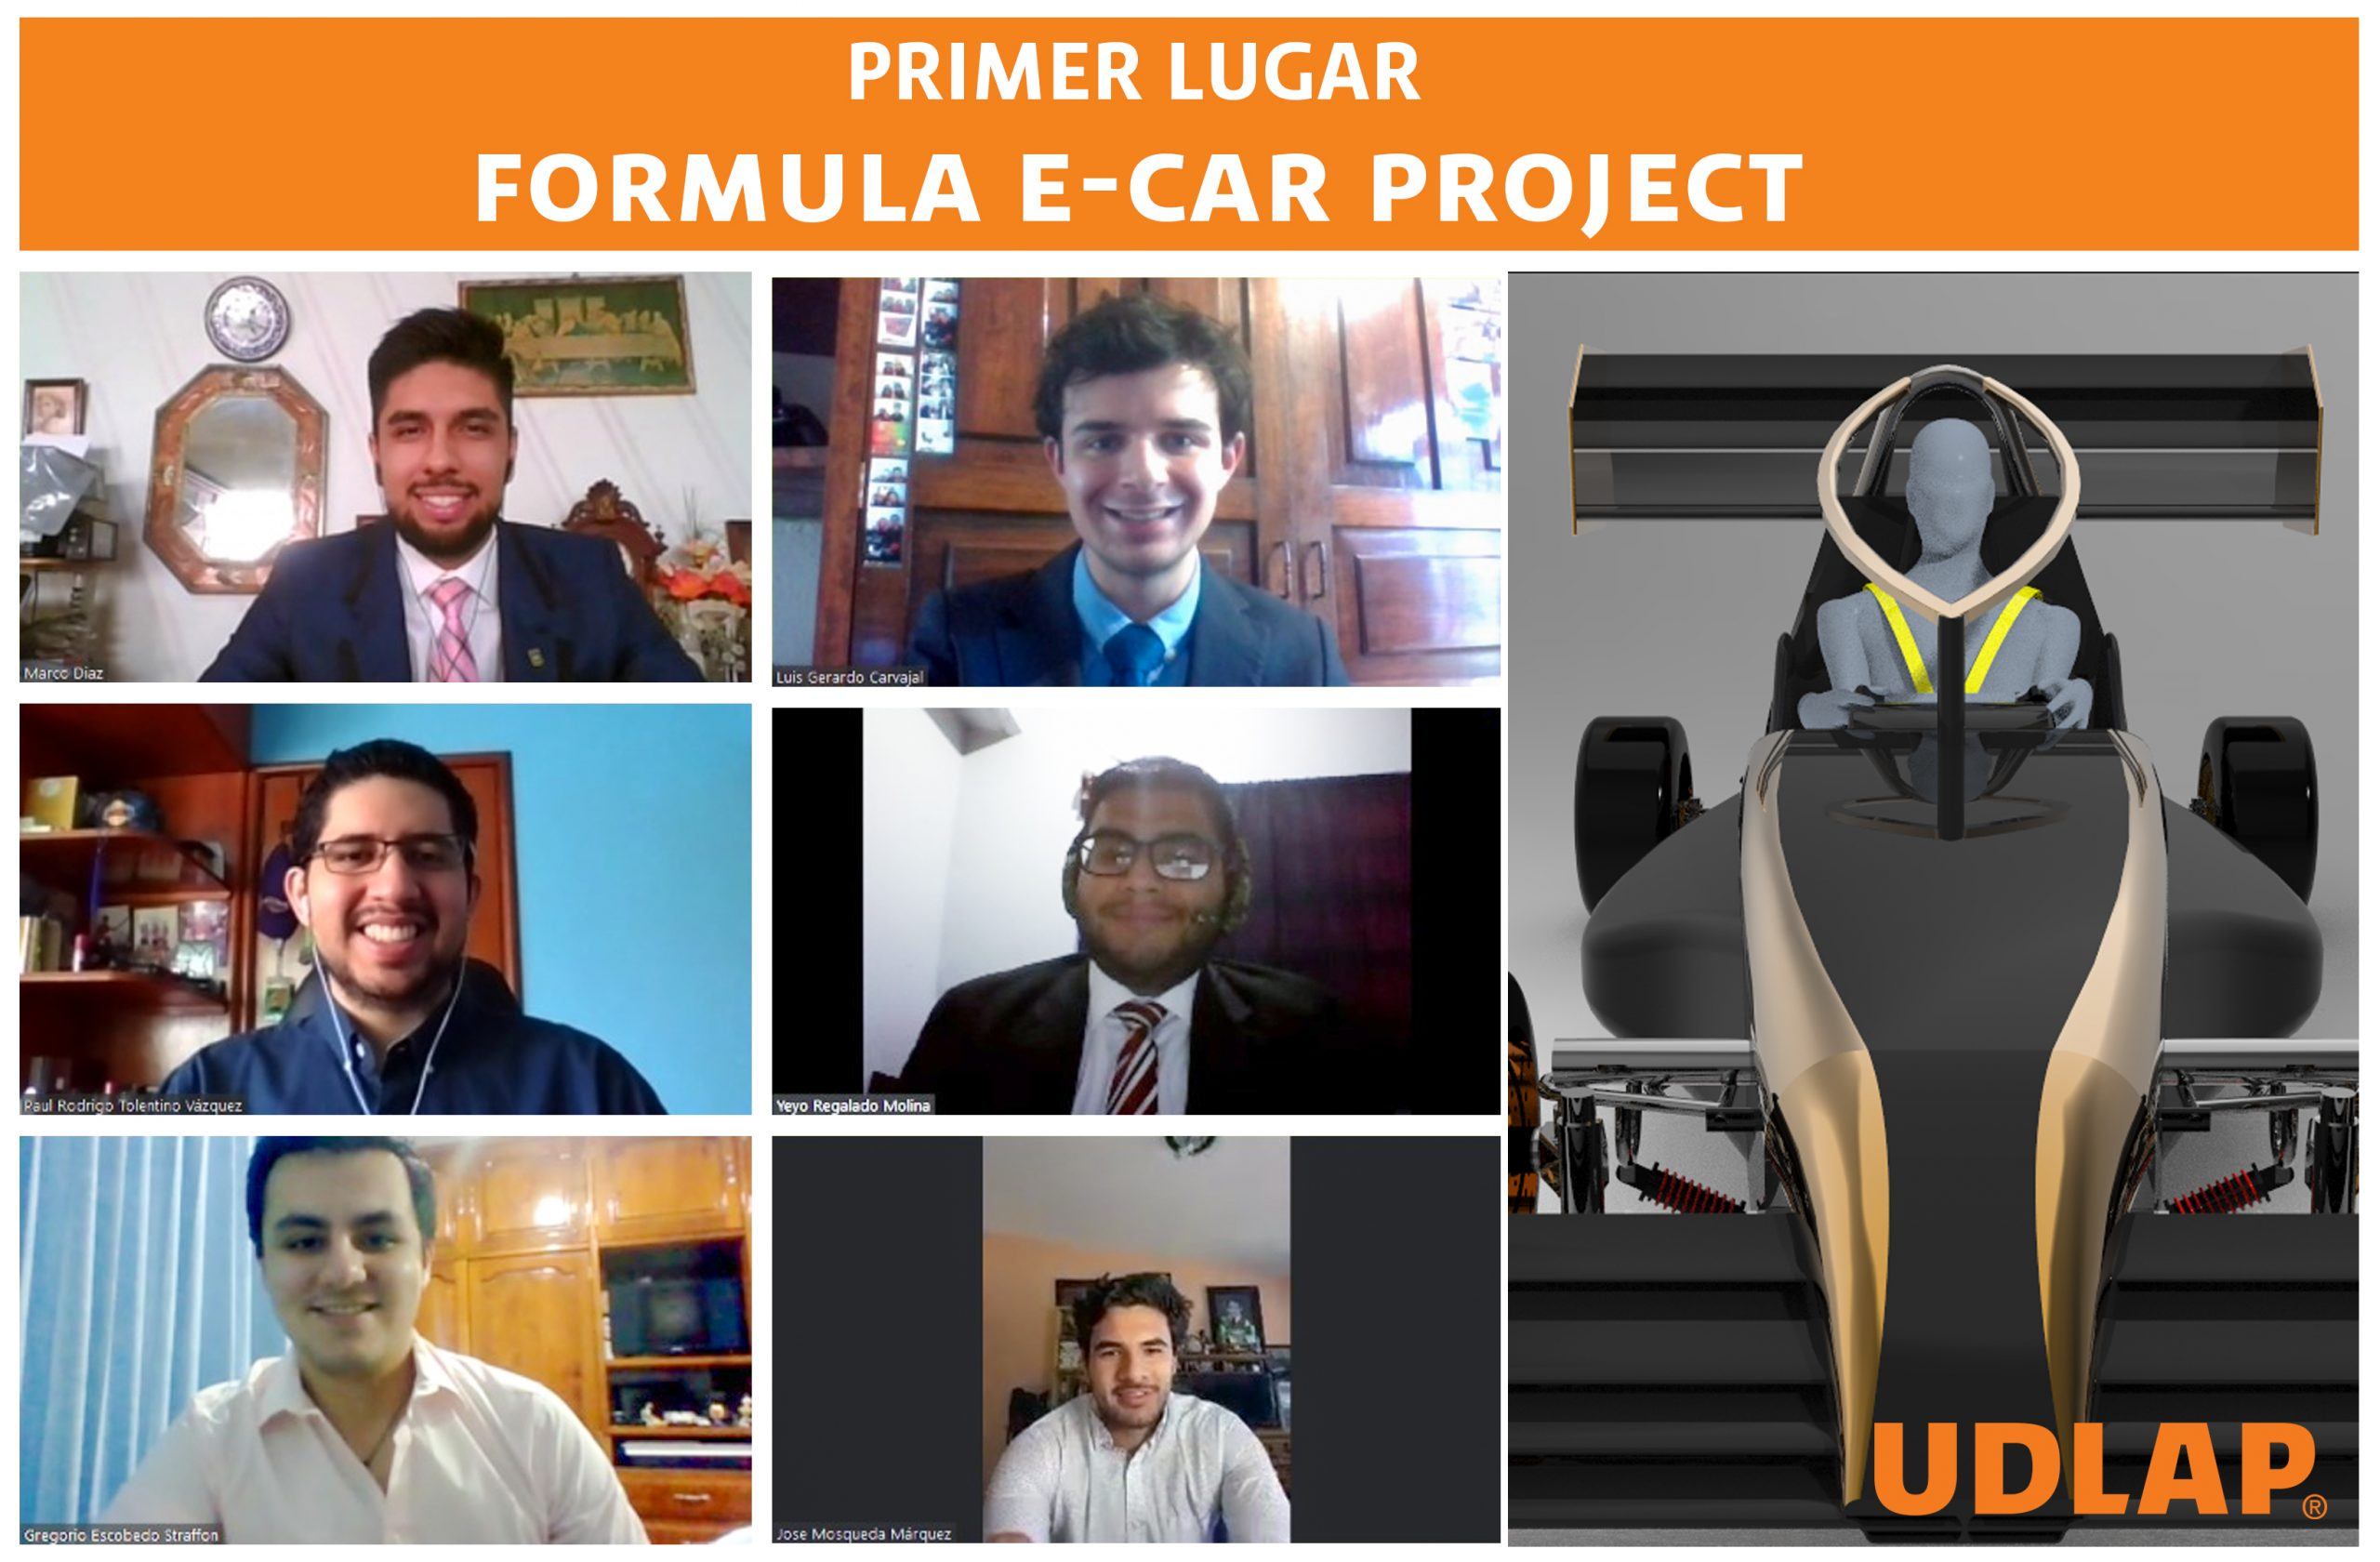 Equipo mexicano gana primer lugar en un concurso internacional de diseño de automóviles eléctricos